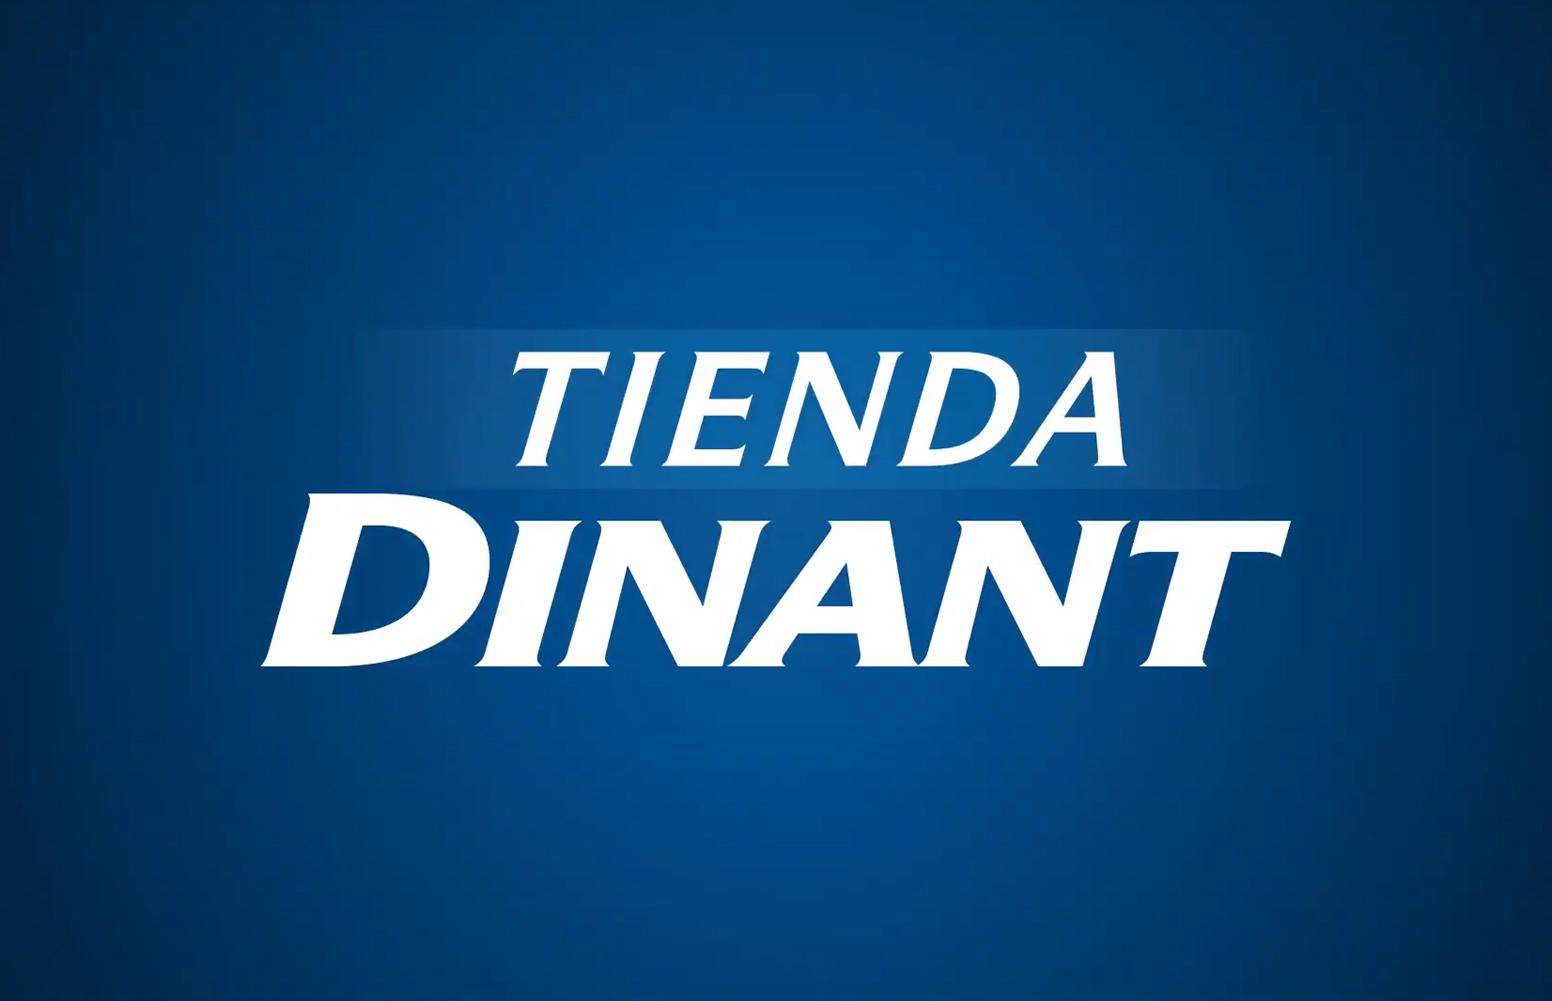 Dinant Inaugura Tienda Dinant en San Pedro Sula